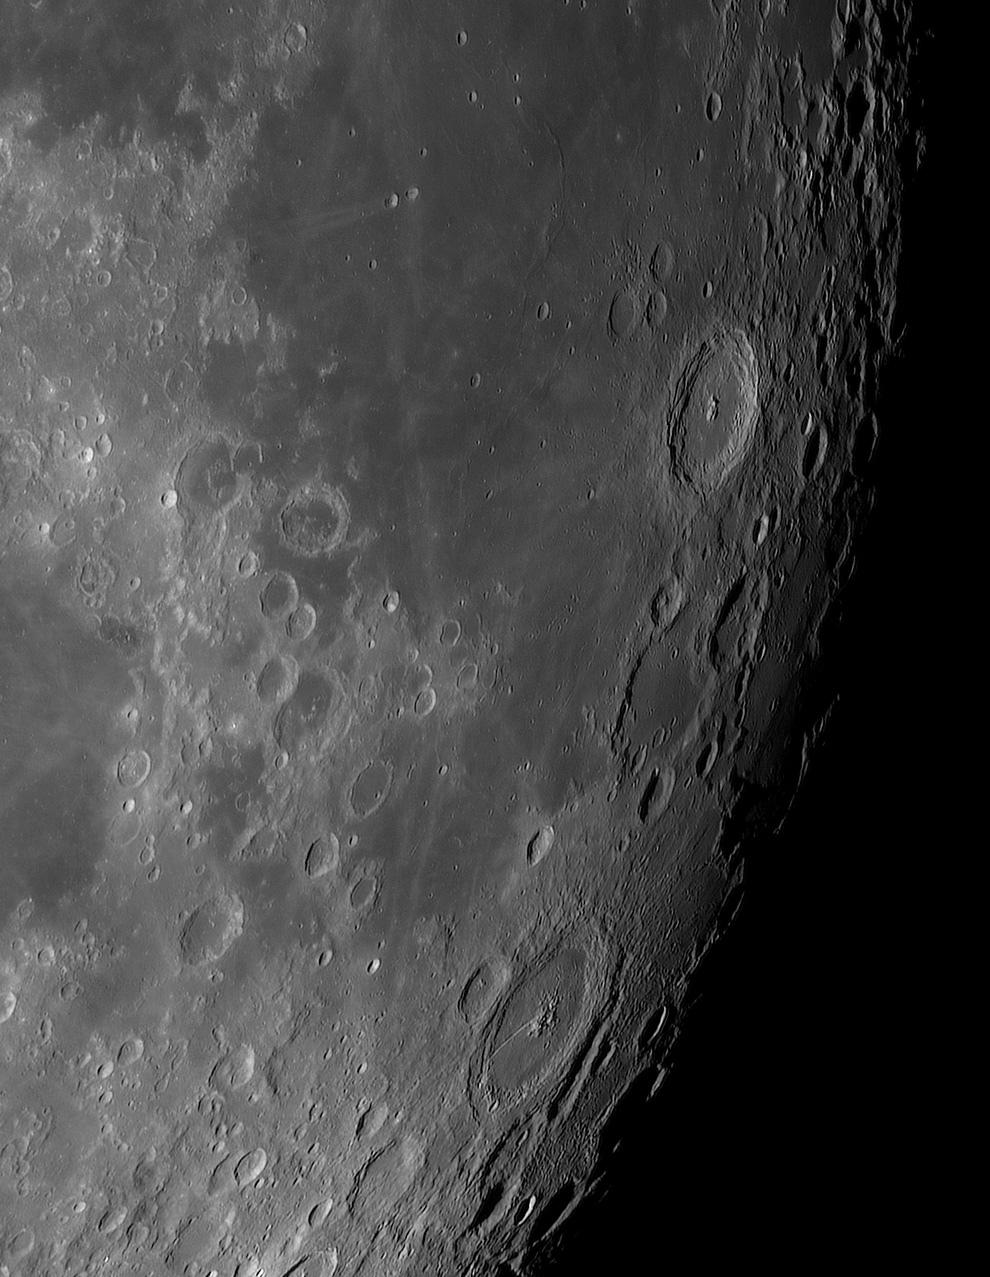 Lune_Detail-01.jpg.17291447e29d6fae438dceff1ccd250e.jpg